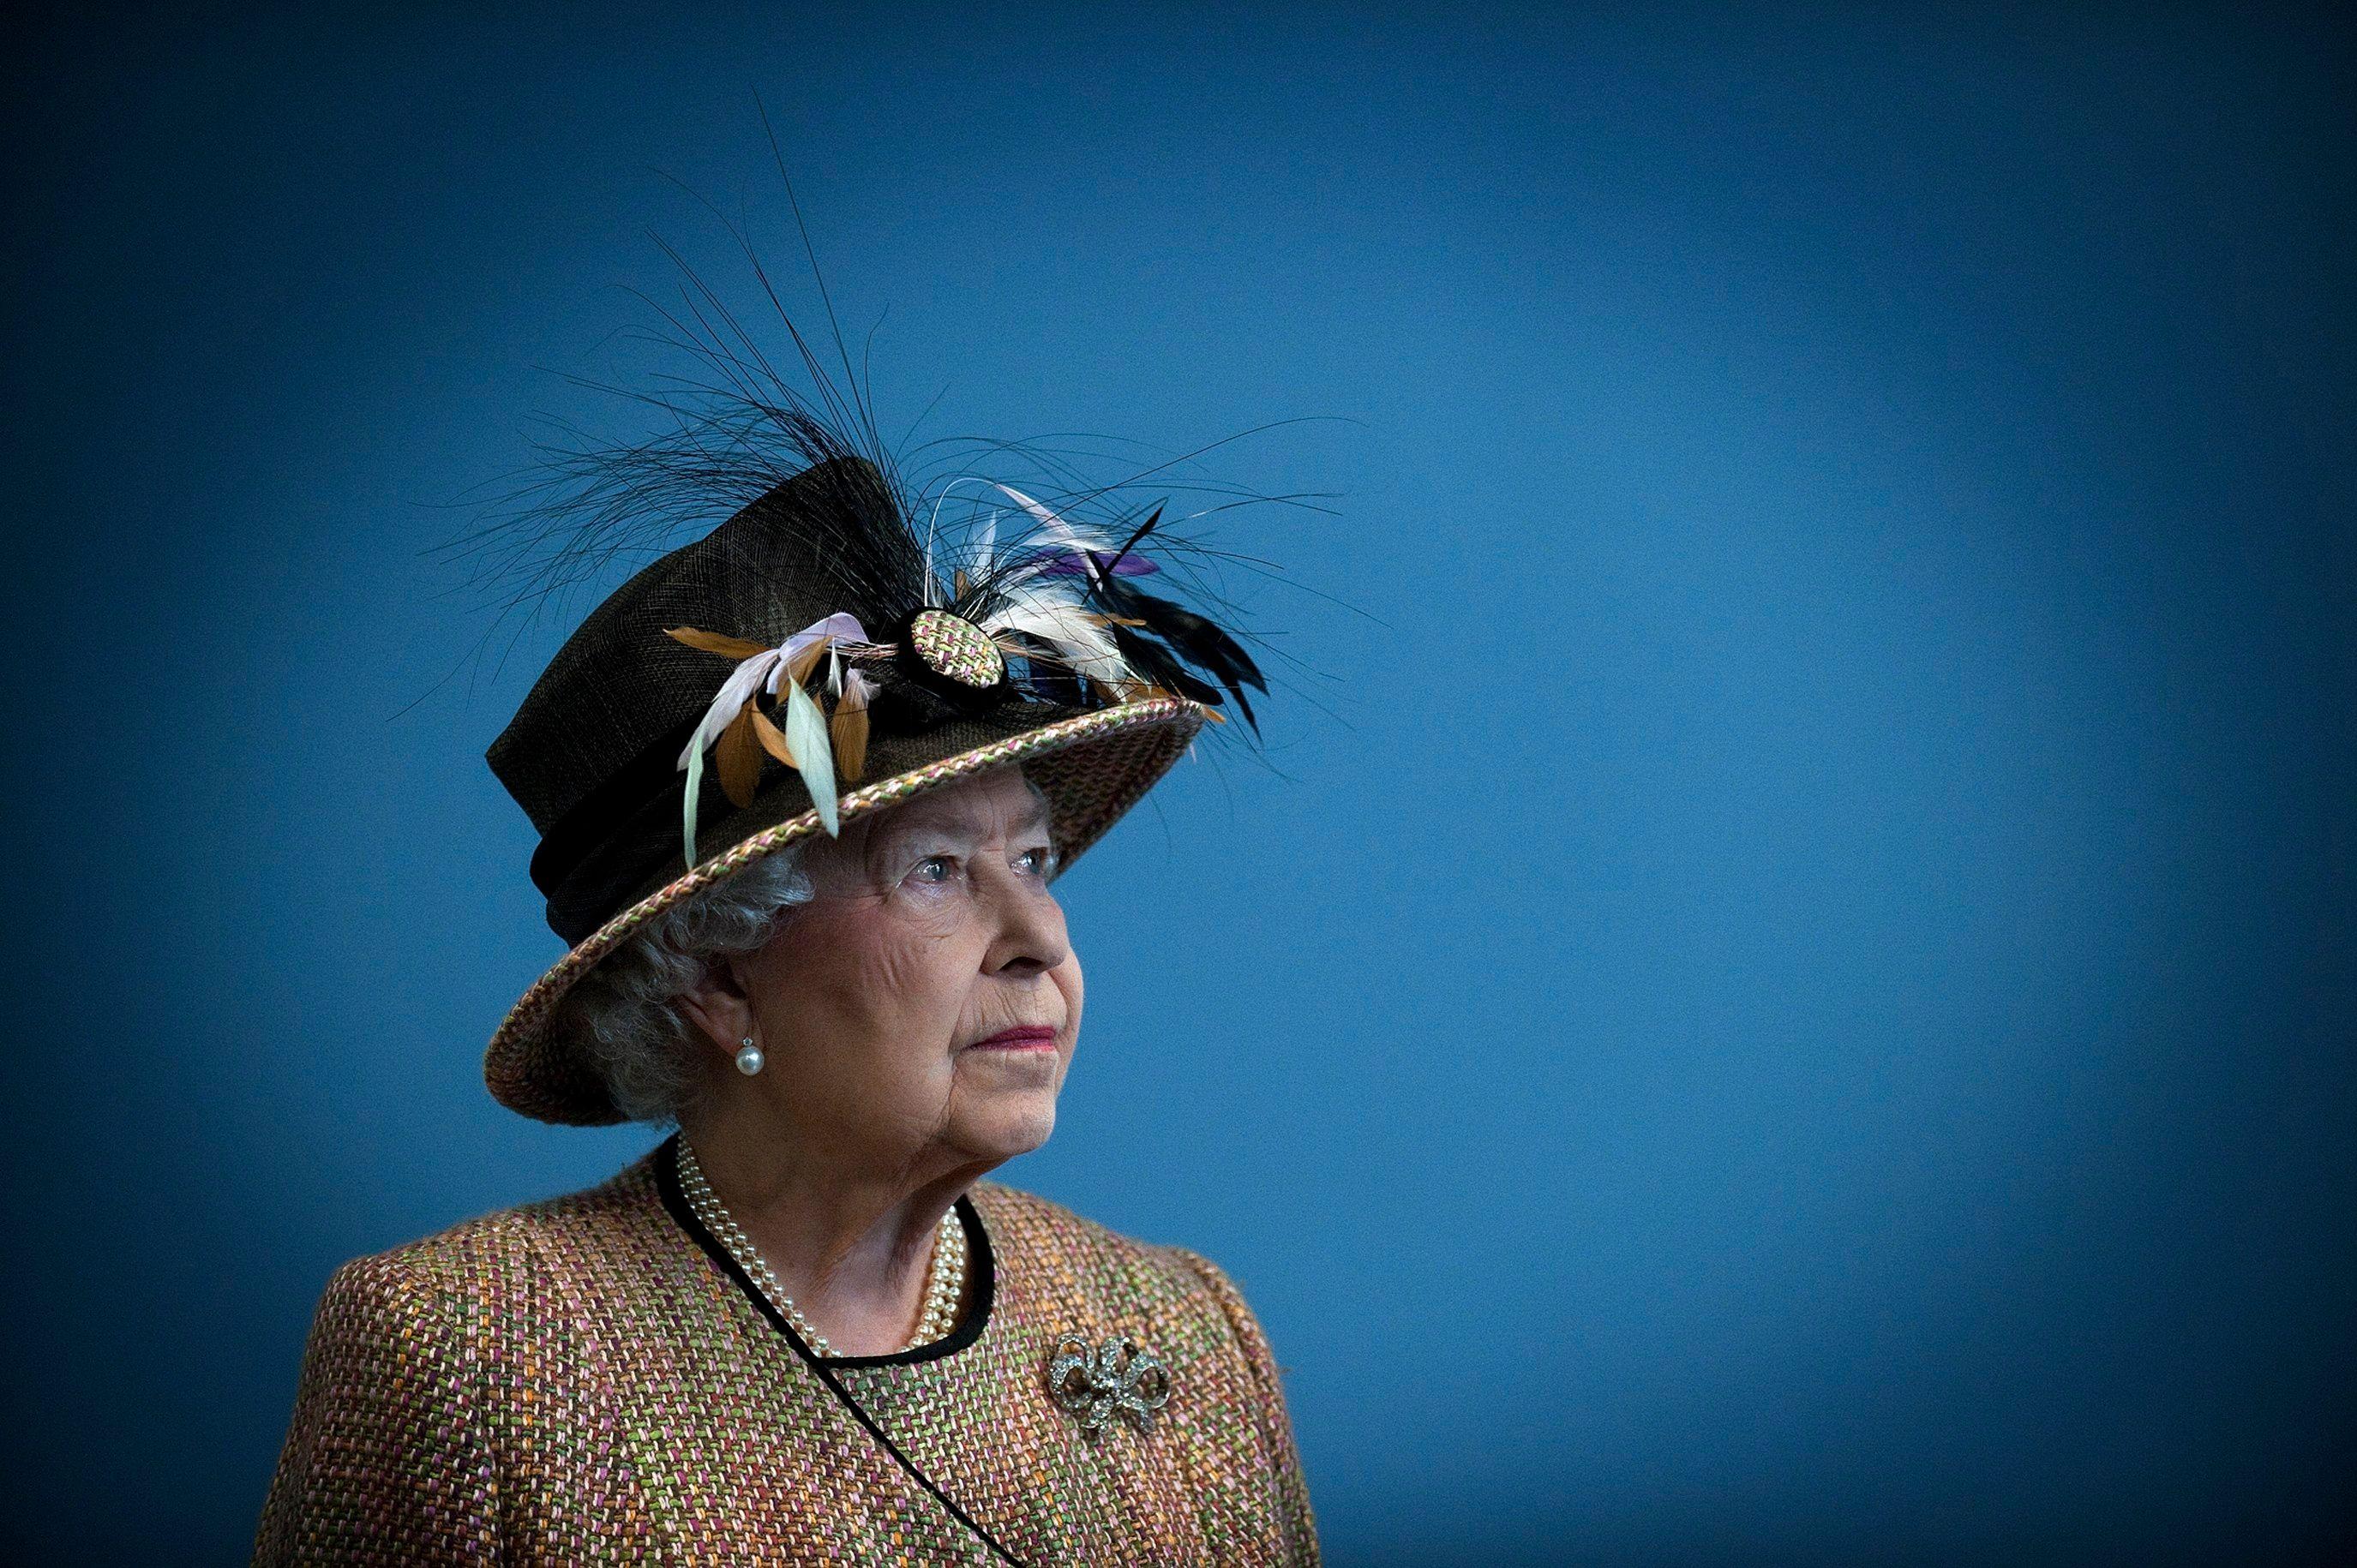 Le jour où la reine d'Angleterre a failli être tuée par balle dans les jardins de Buckingham Palace